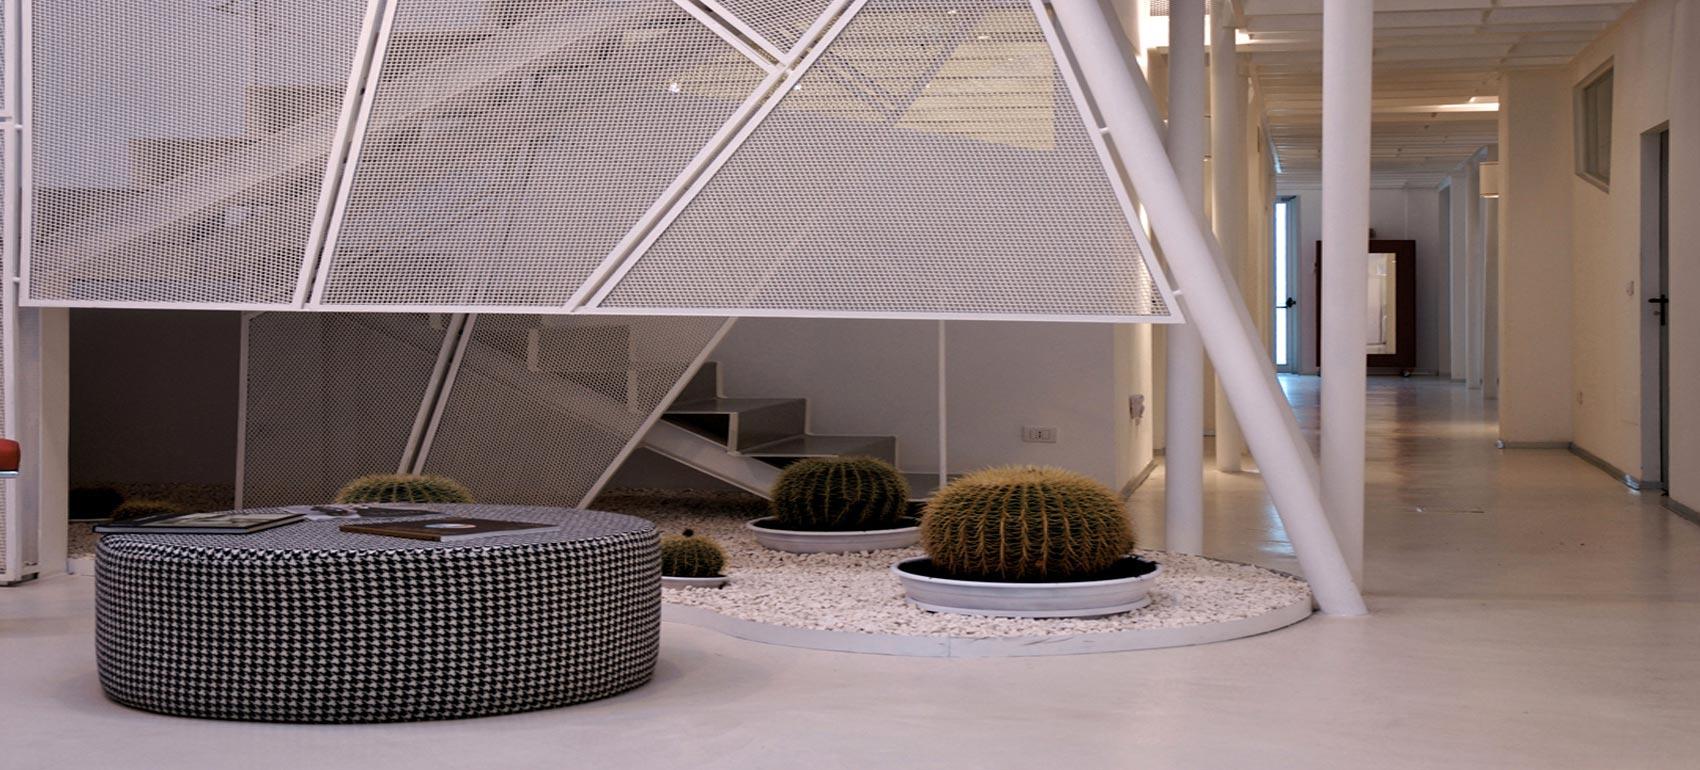 stefanoturi-architetto_lavori_agenzia_moda3